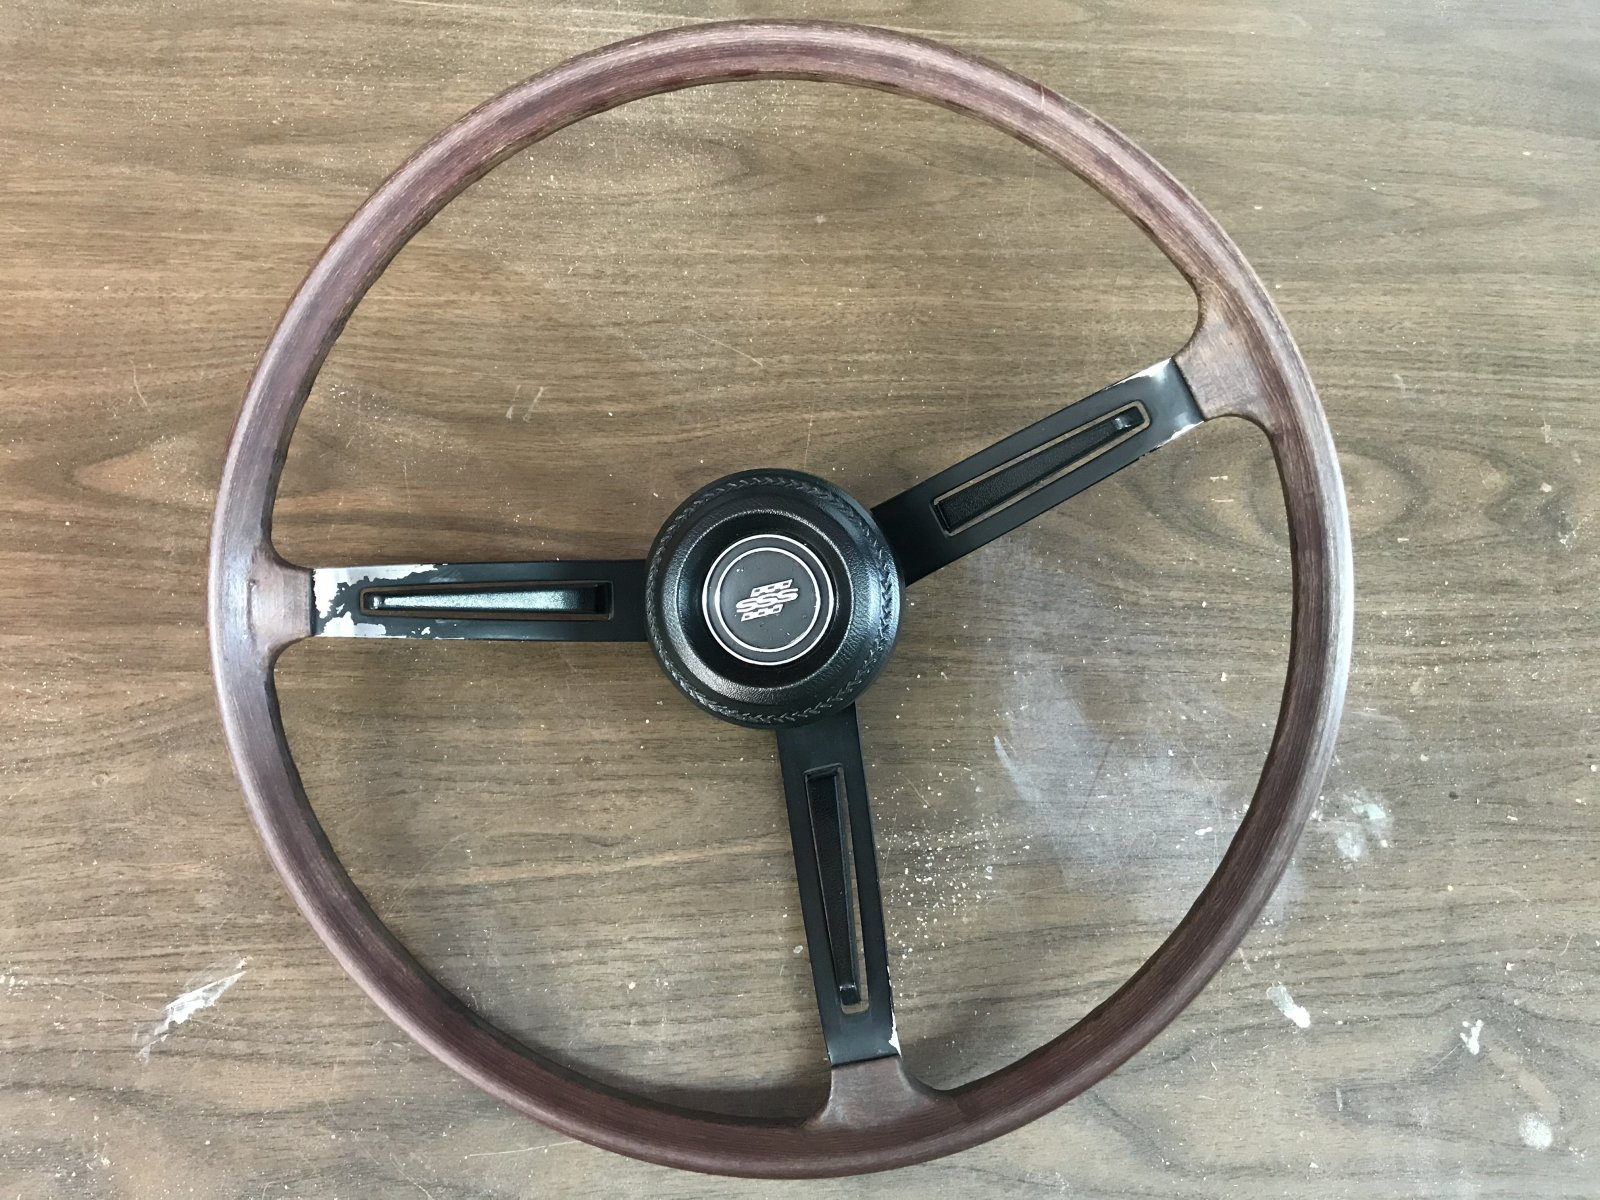 06072020_SSS_steering_wheel_(1).JPG